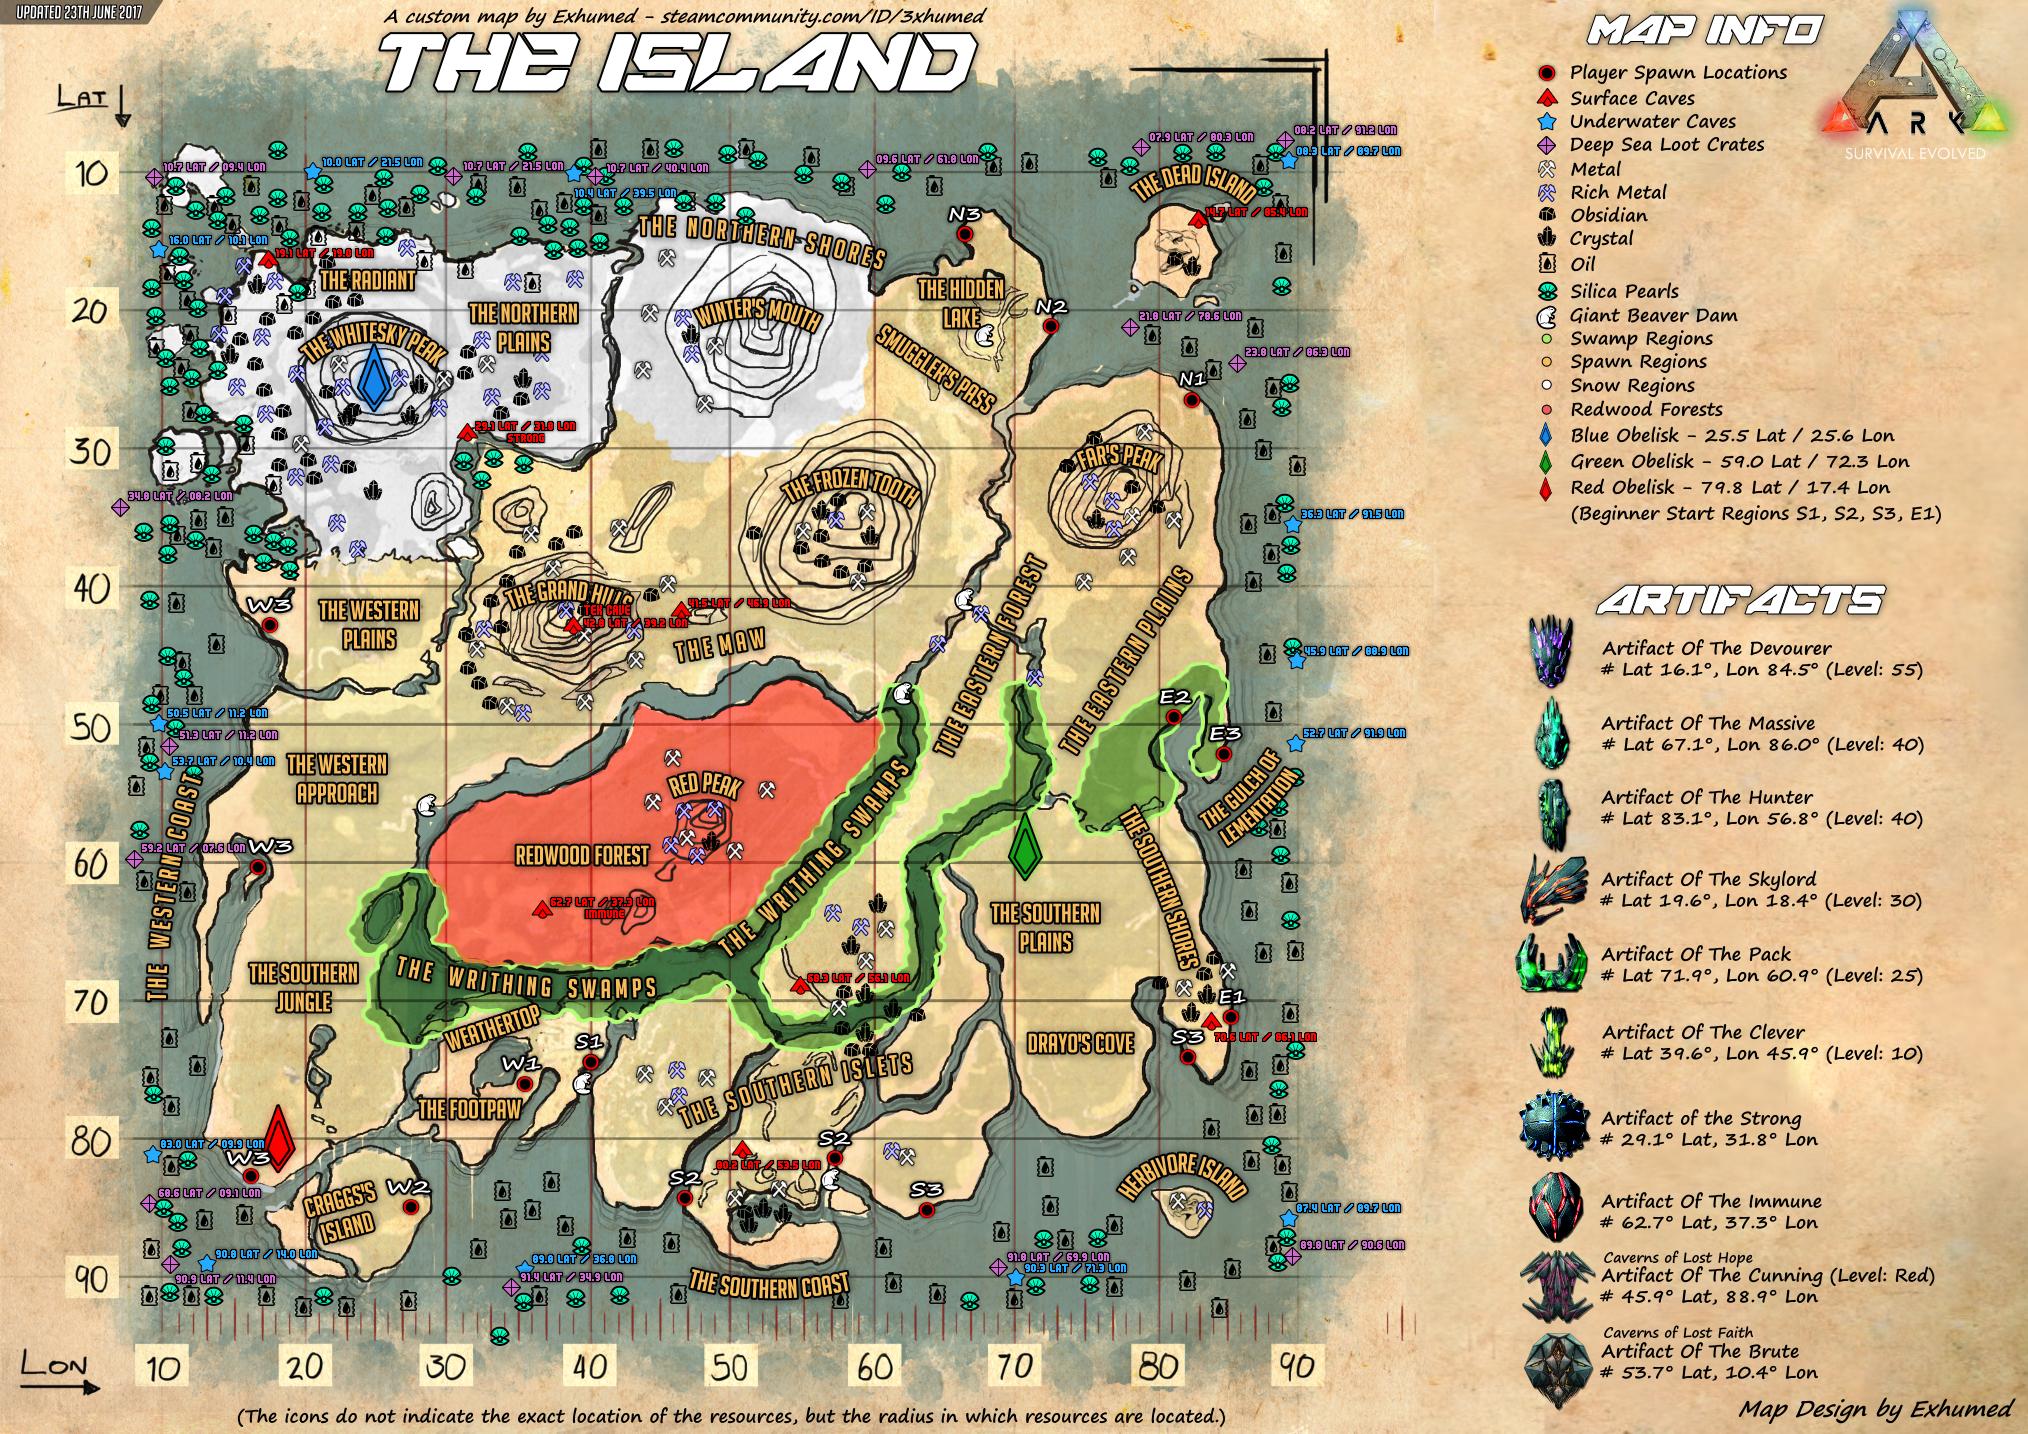 carte ark the island 38836C7BBEEAB6C72FA413F112F5C7698111512C (2028×1434) | Game ark